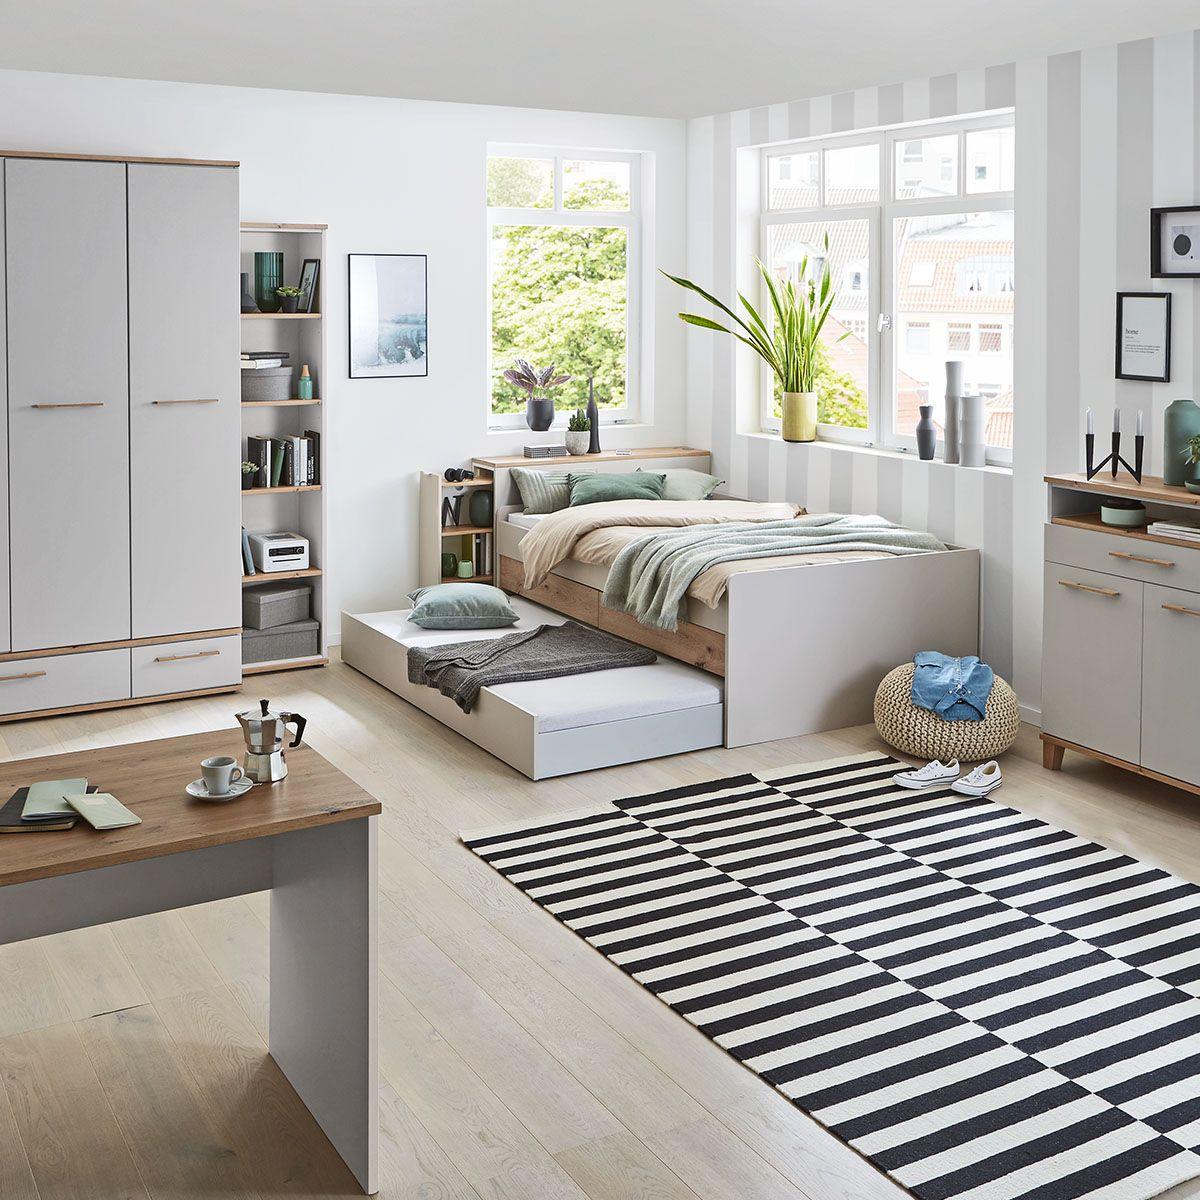 Kinder und Jugendzimmer, Kinderzimmer, Jugendzimmer, Bett aus Holz, Holzbett